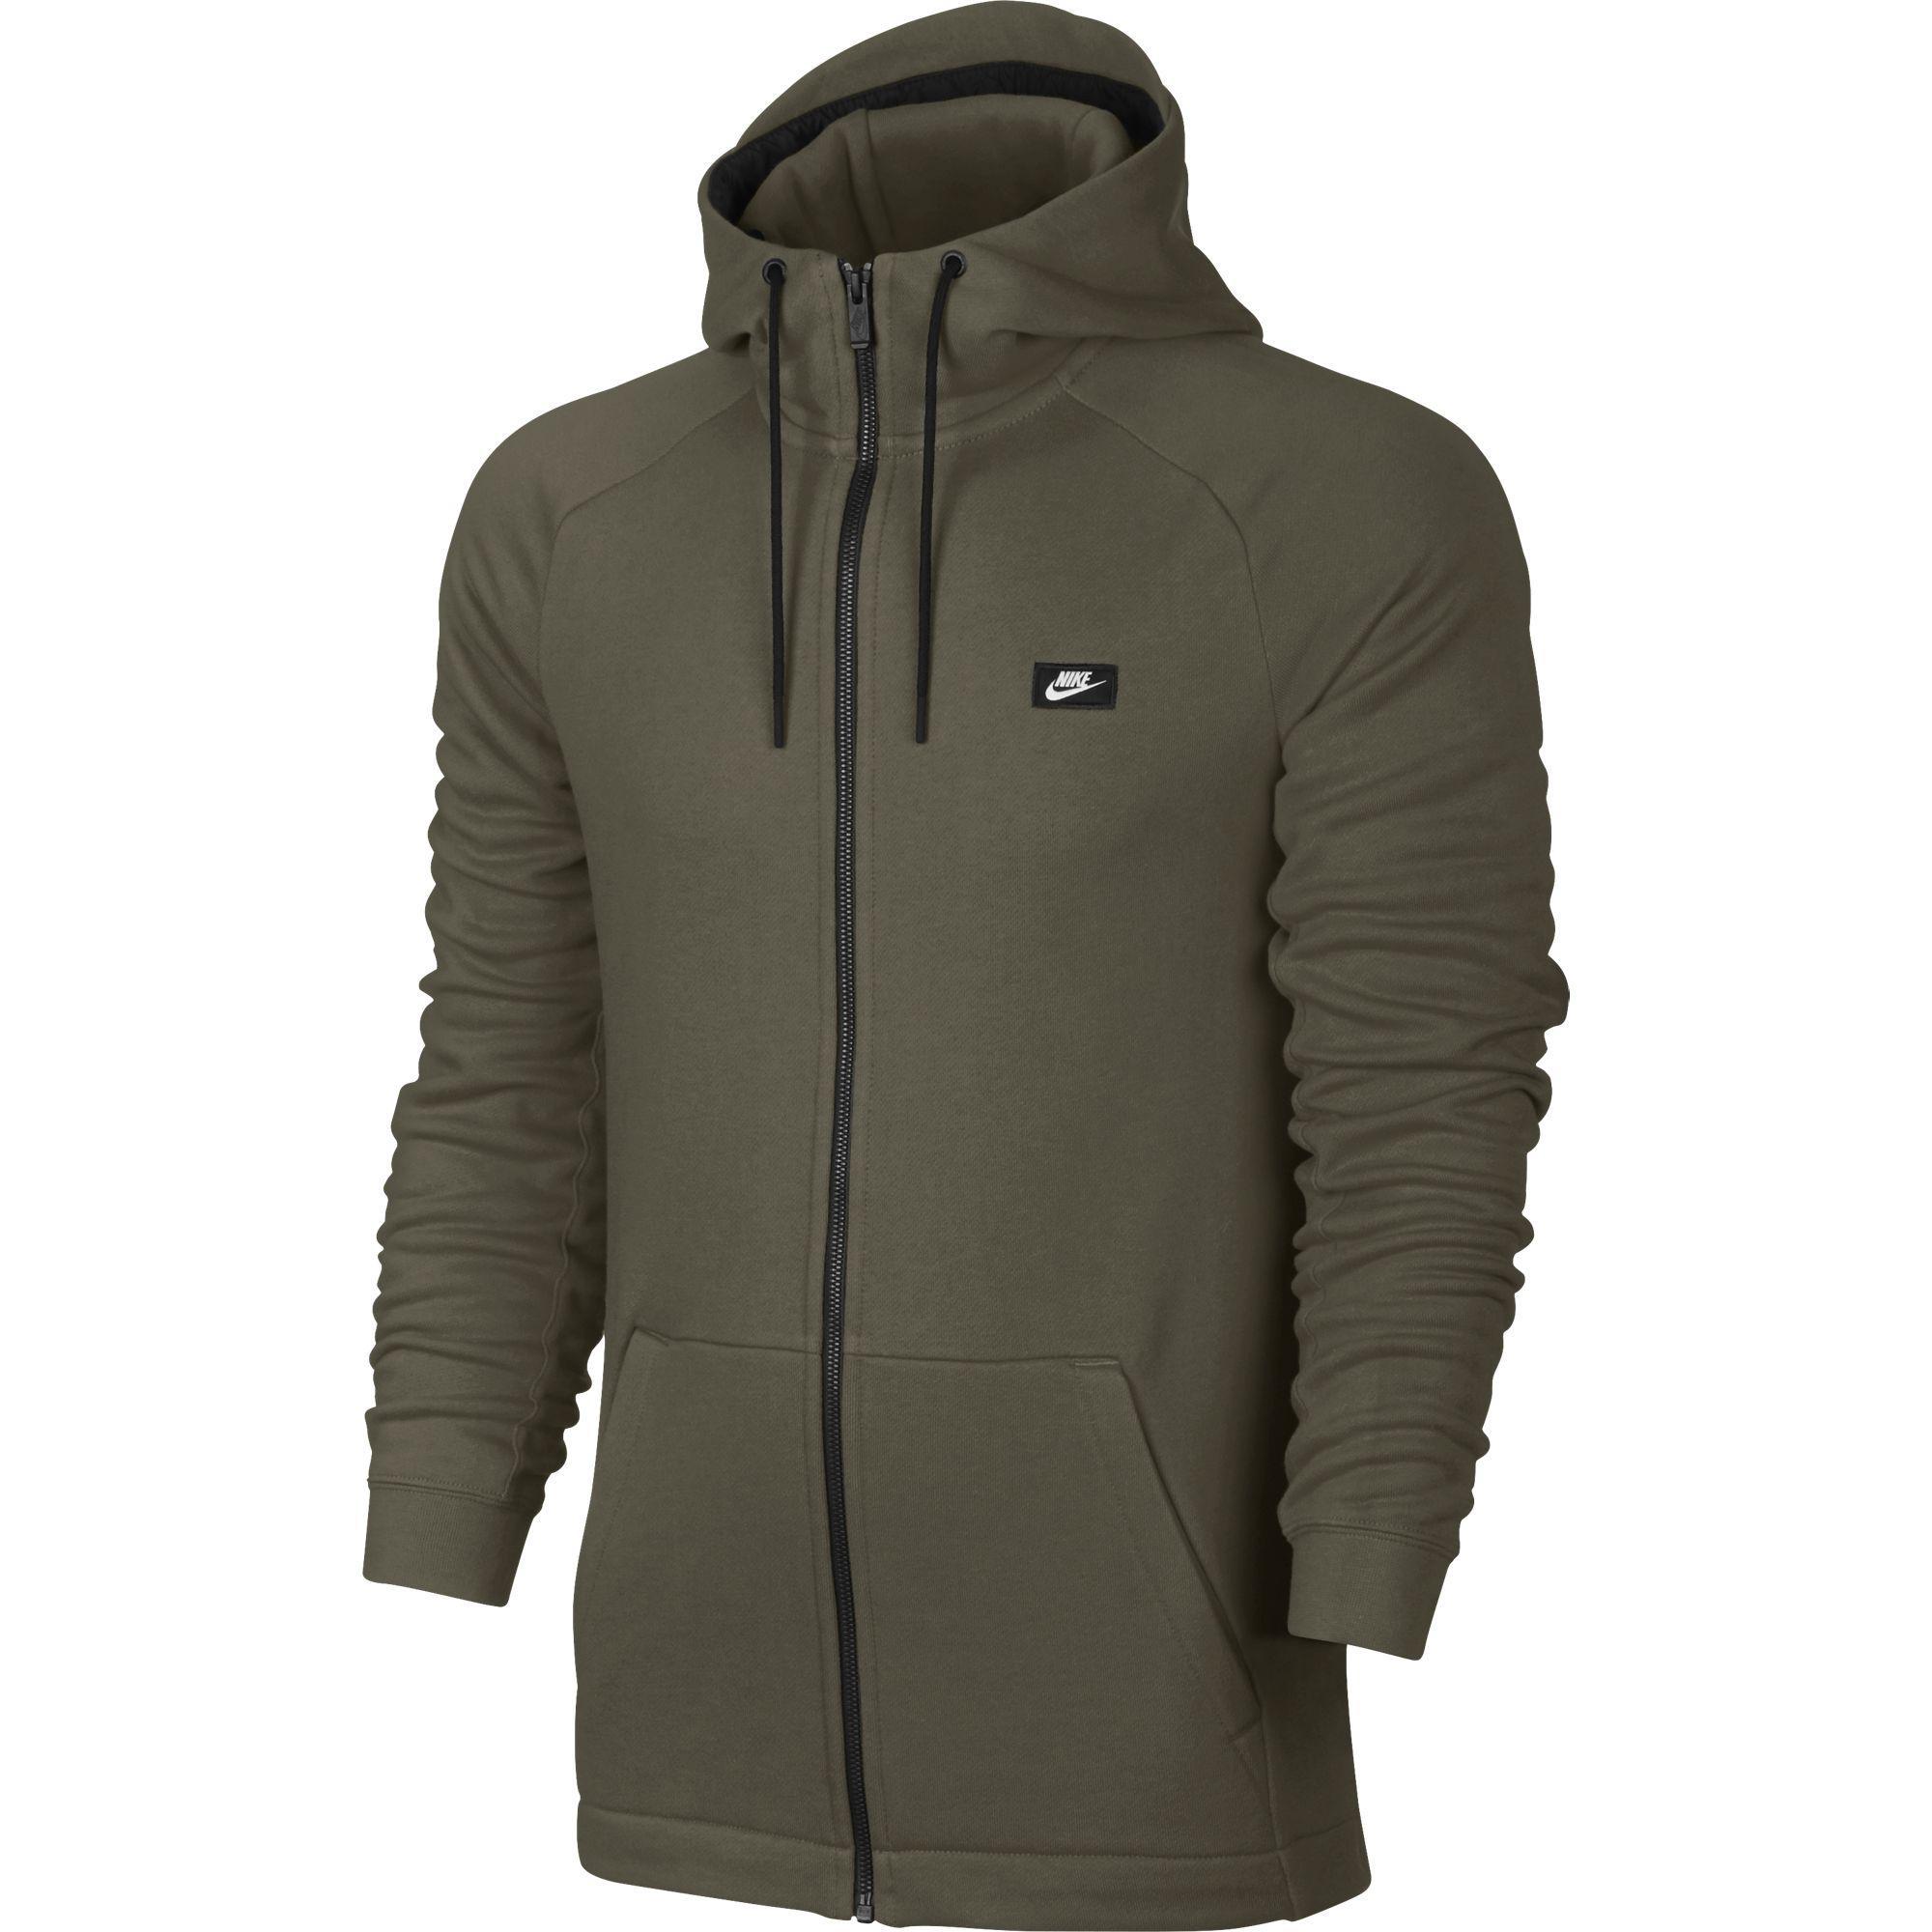 86d85b603a06 Nike Mens Sportswear Modern Hoodie - Medium Olive - Tennisnuts.com